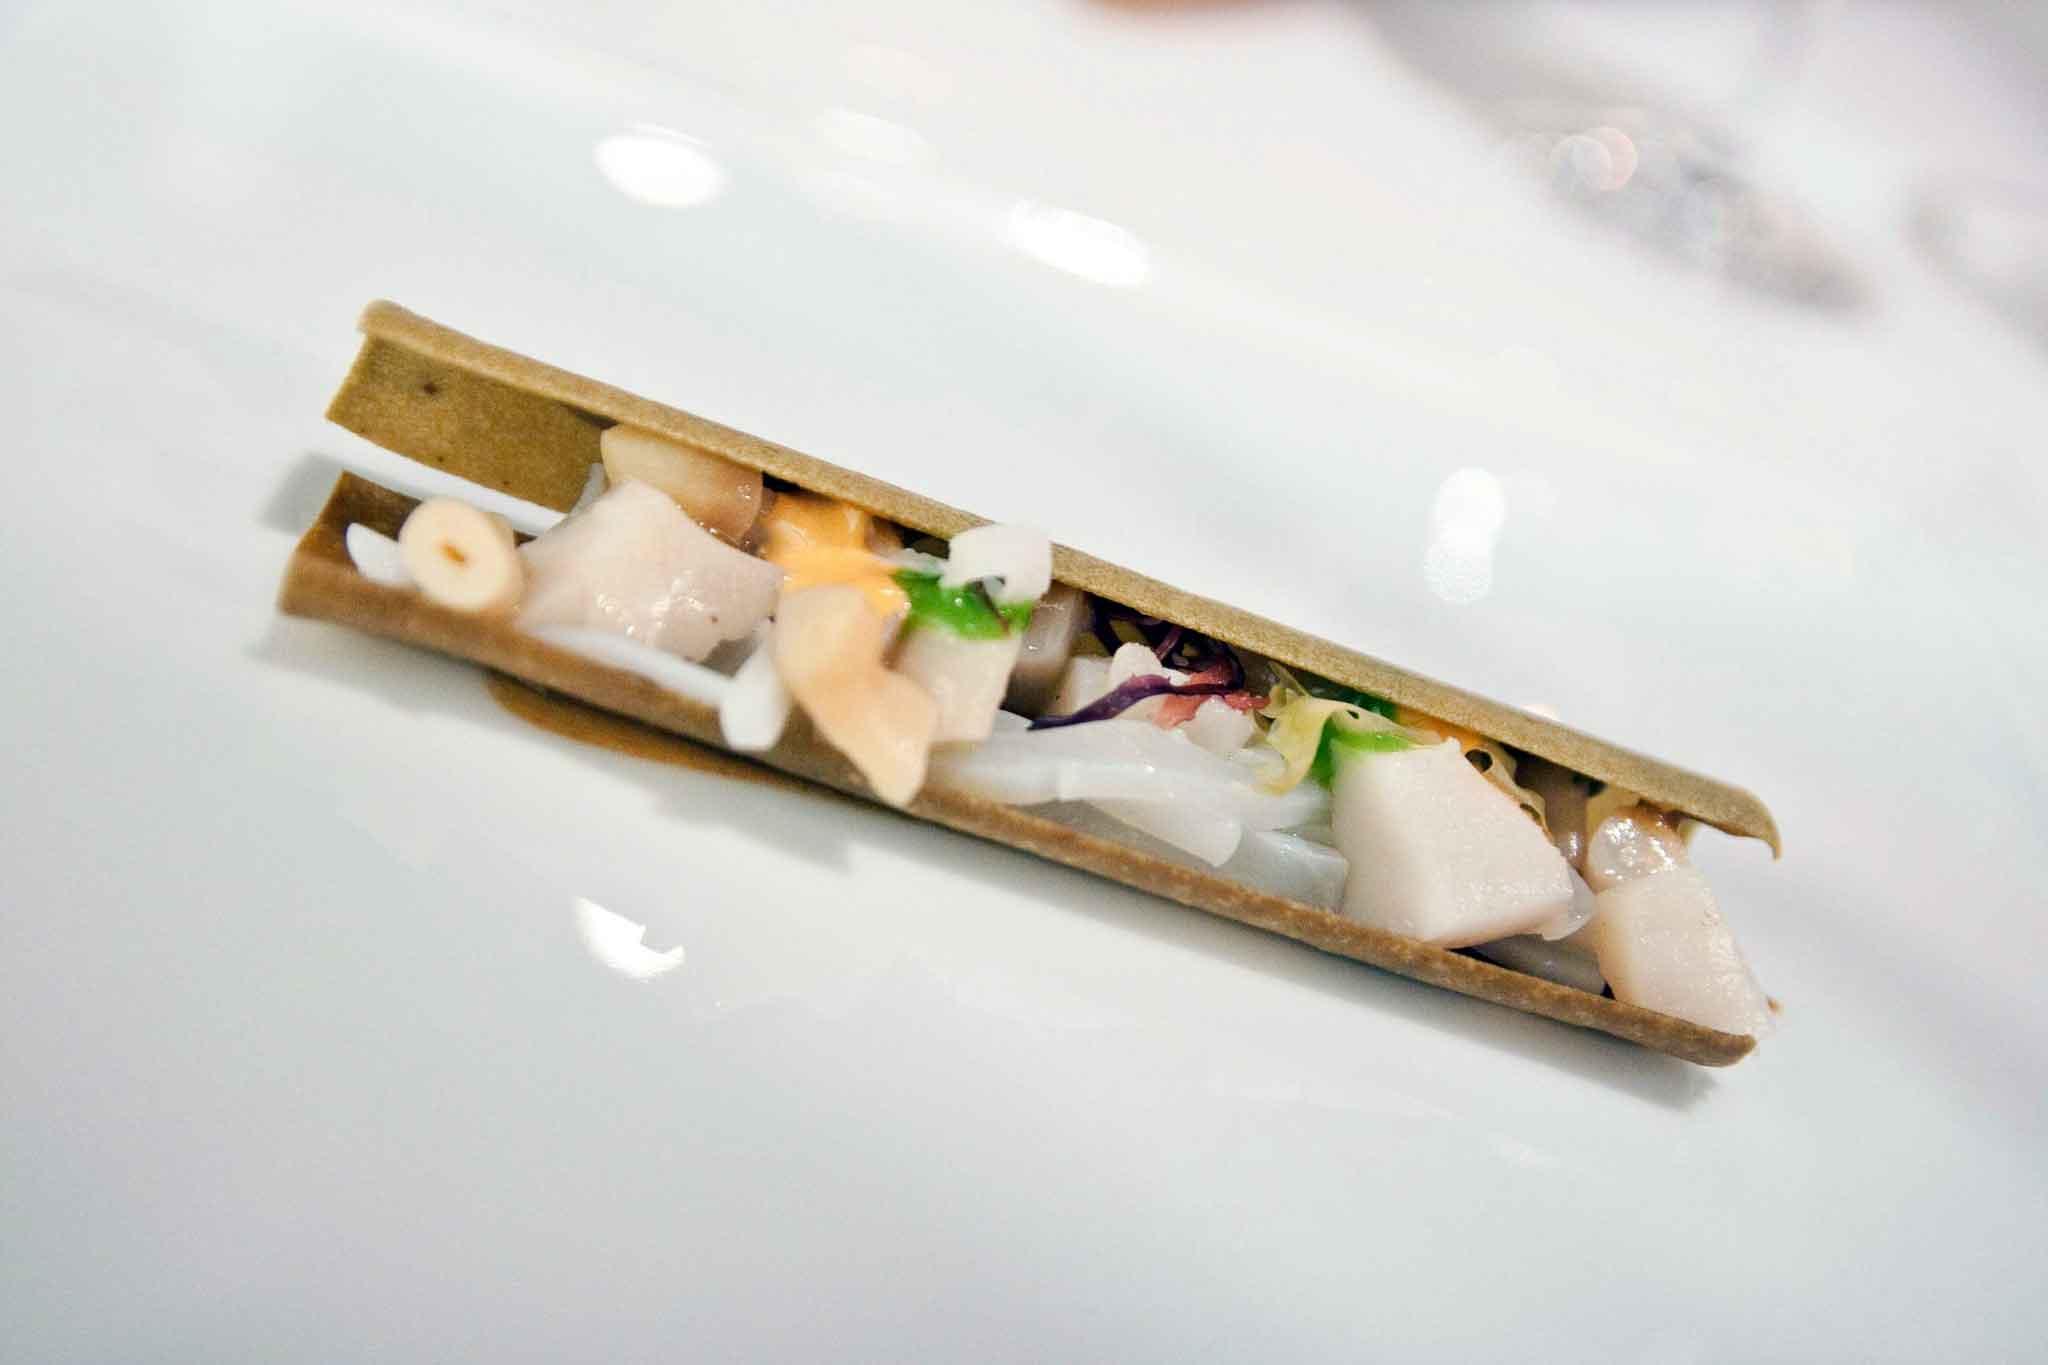 7-migliore-ristorante-di-lusso-tripadvisor-osteria-francescana